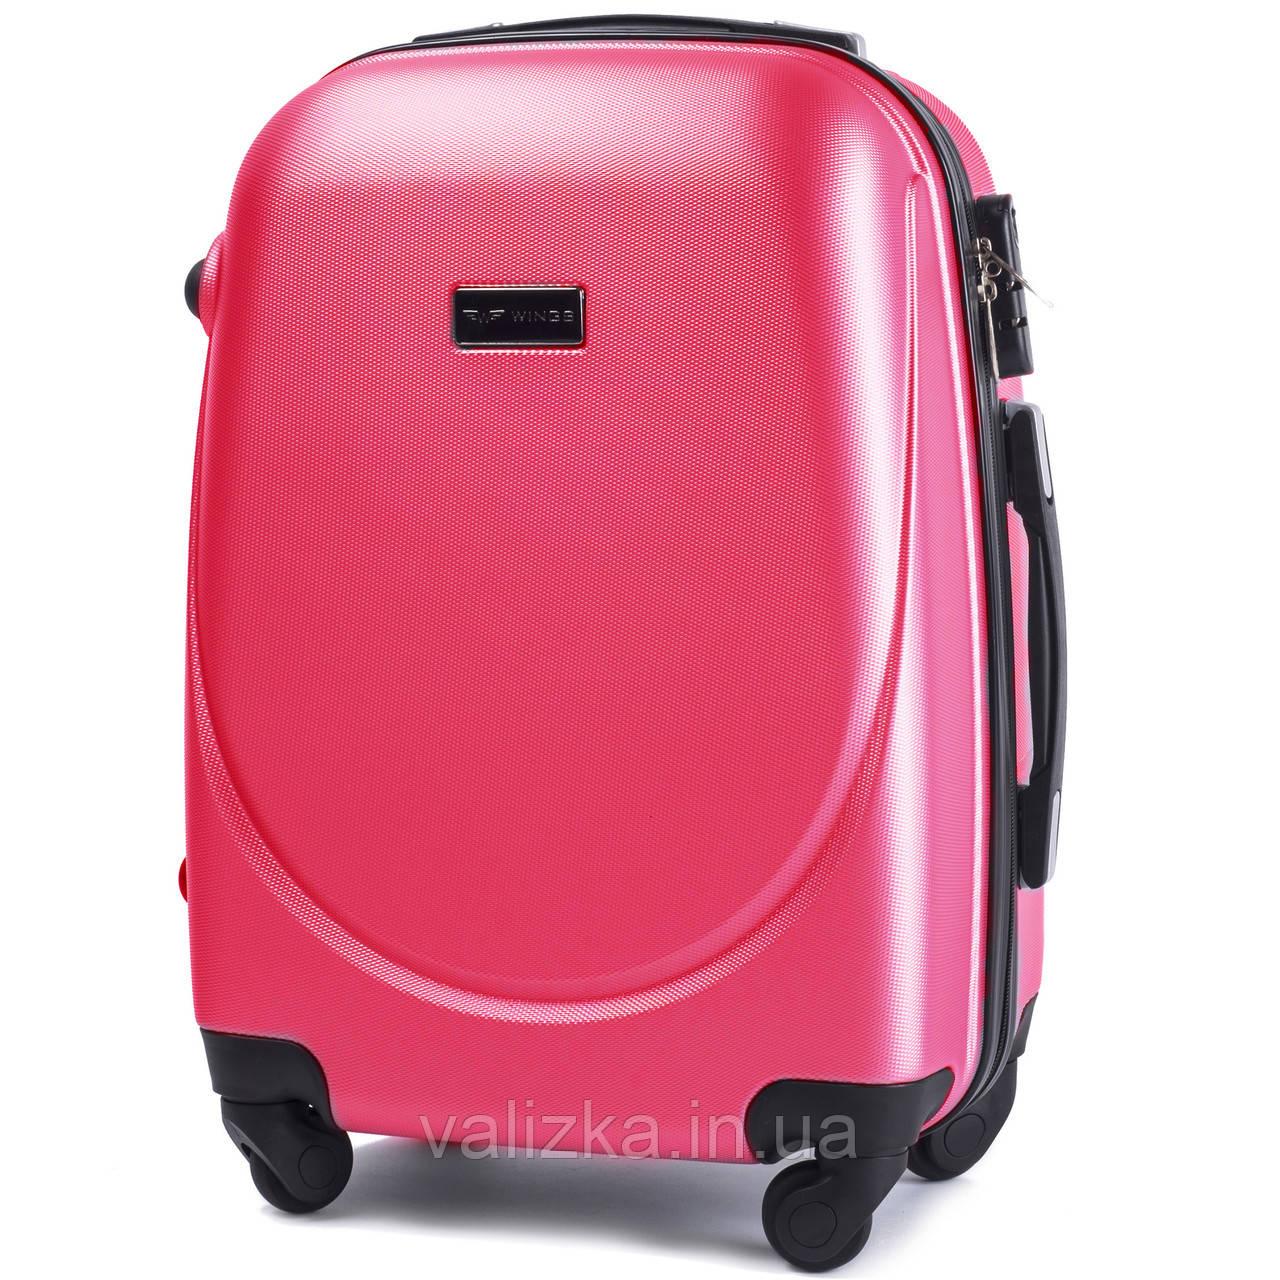 Пластиковый чемодан Wings 310 S+ для ручной клади розово-красный